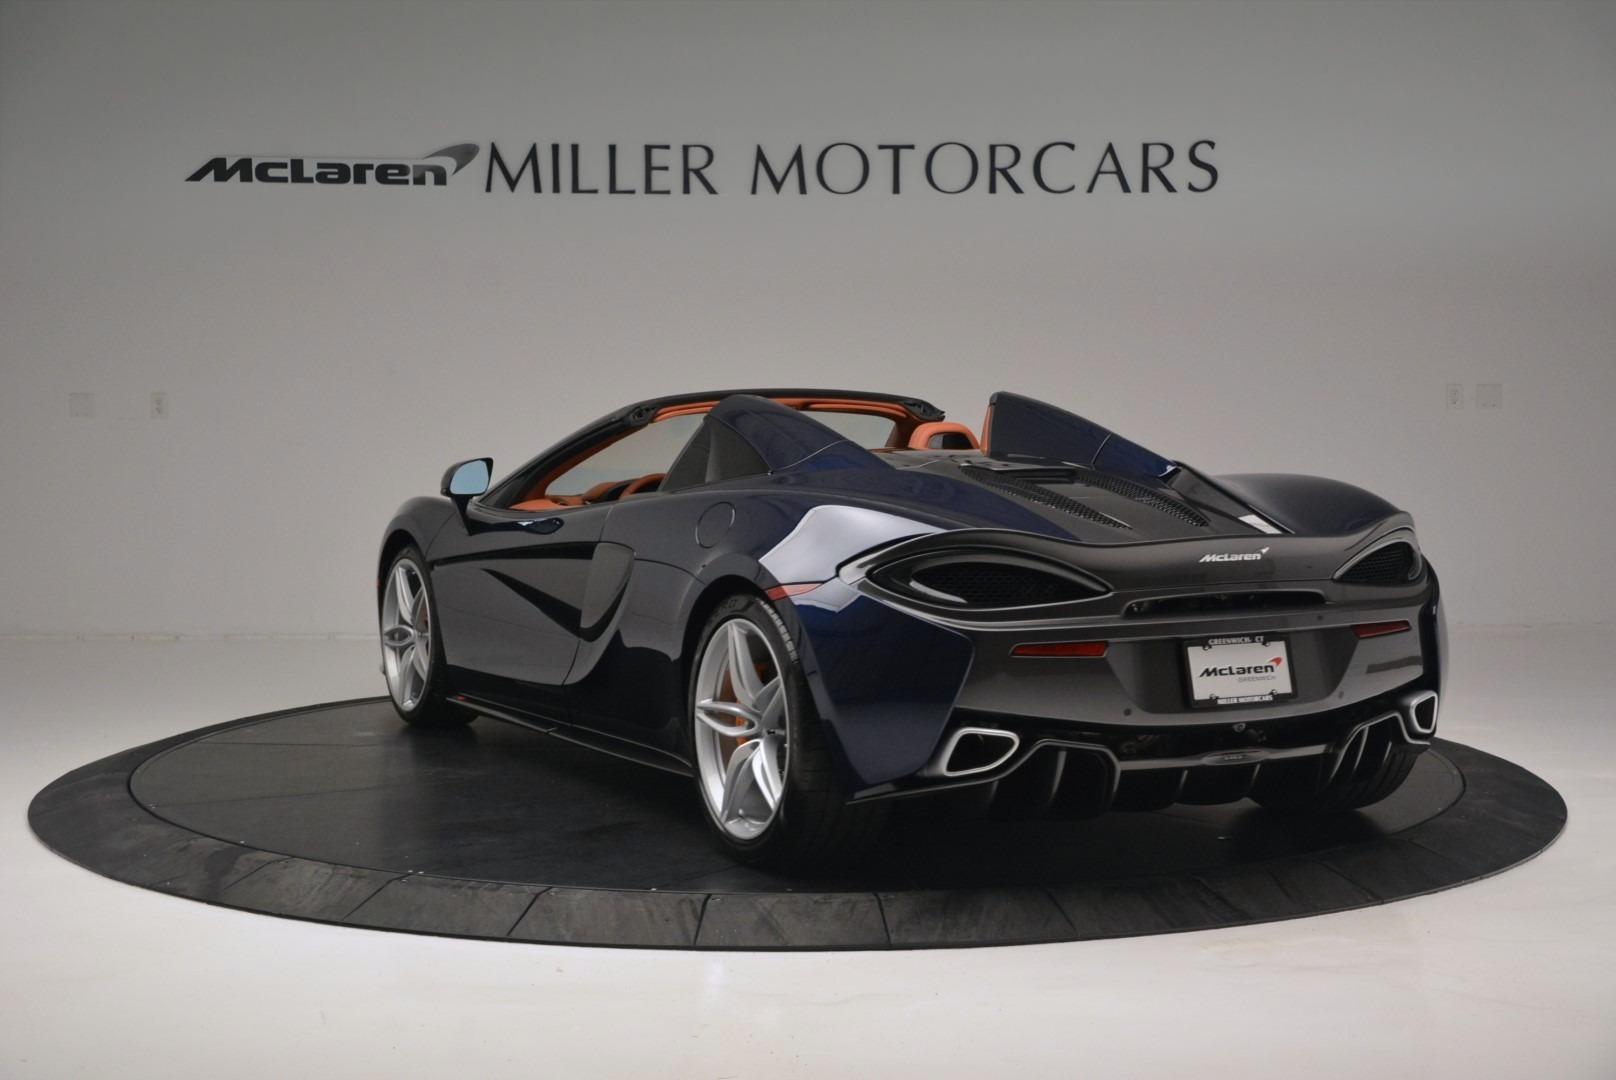 New 2019 McLaren 570S Spider Convertible For Sale In Westport, CT 2521_p5